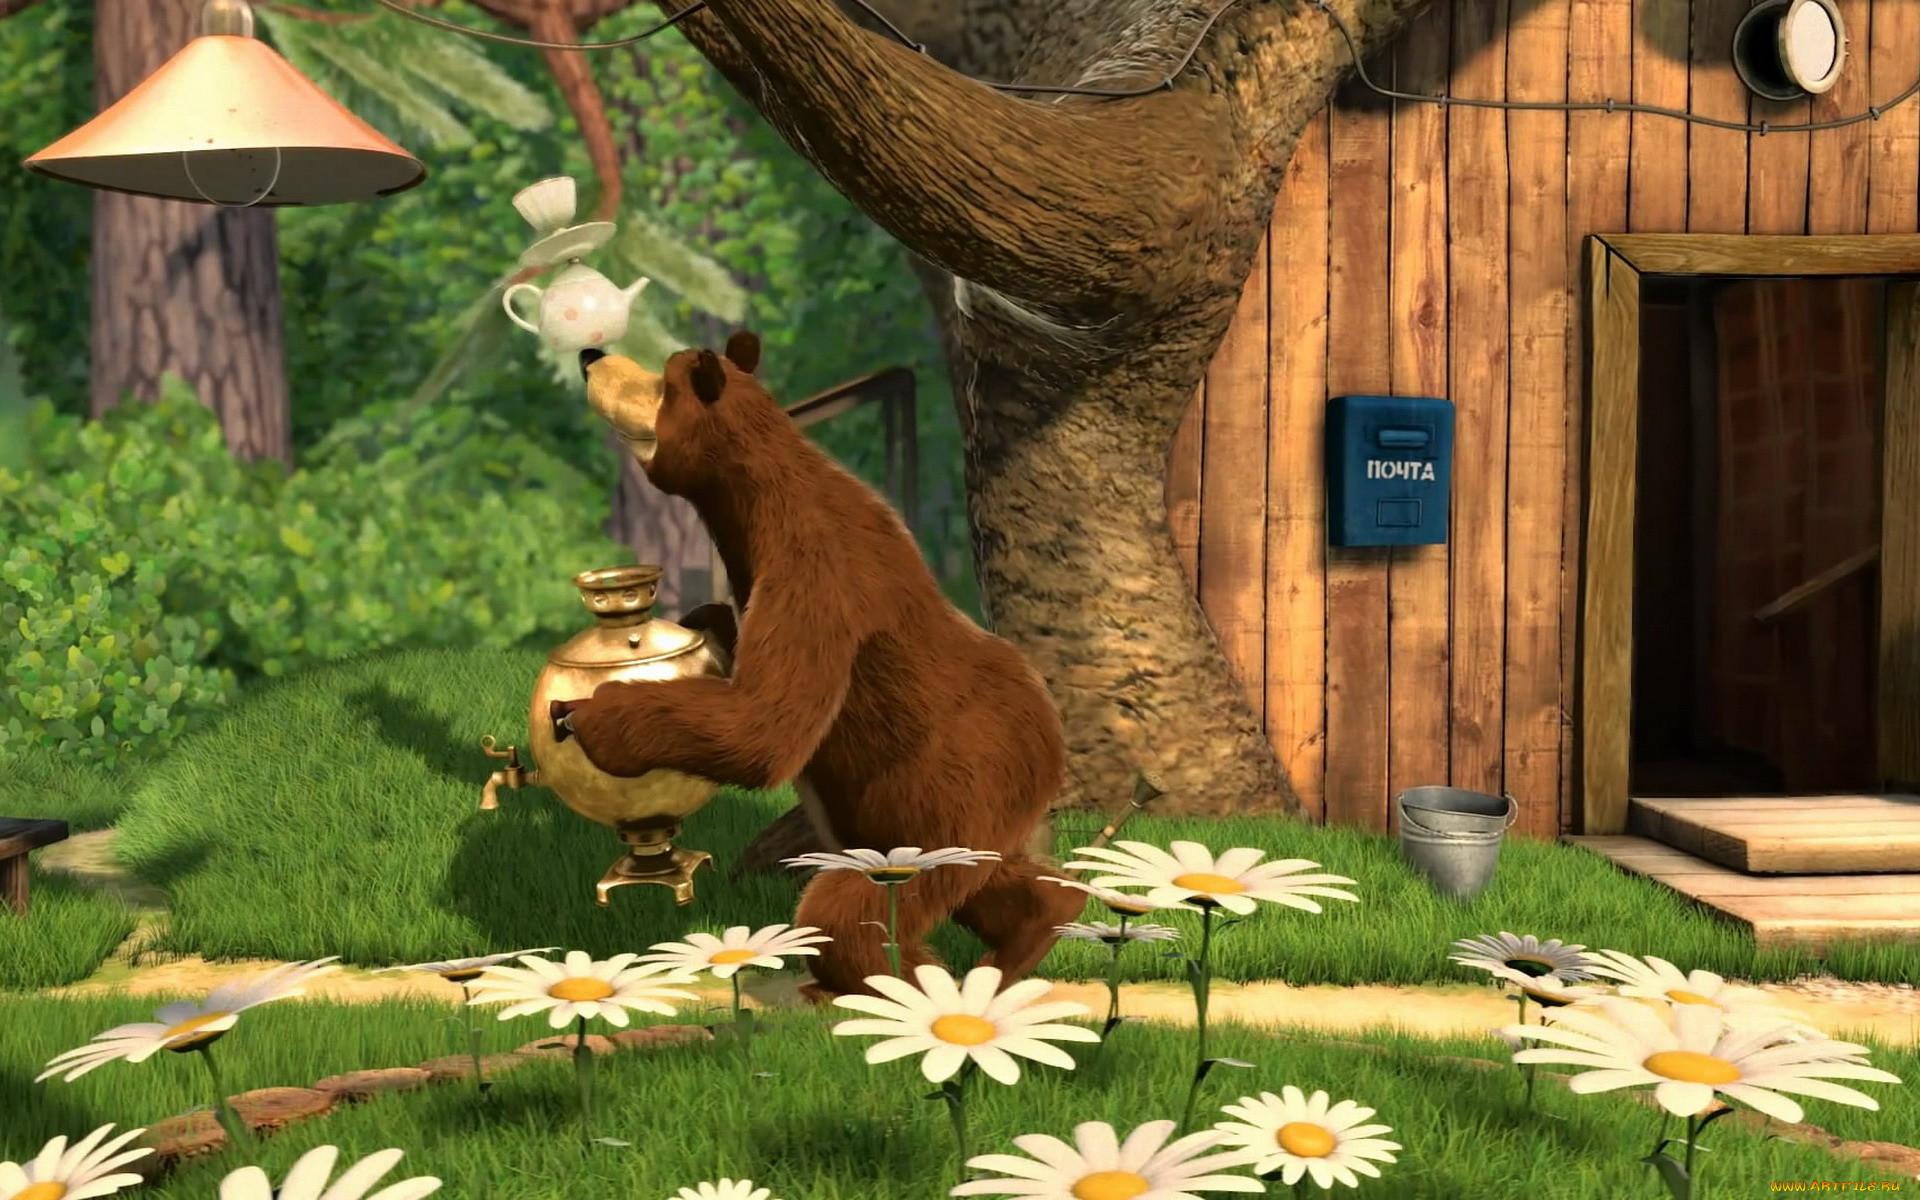 ассортимента маша и медведь картинки на стол секрет, что